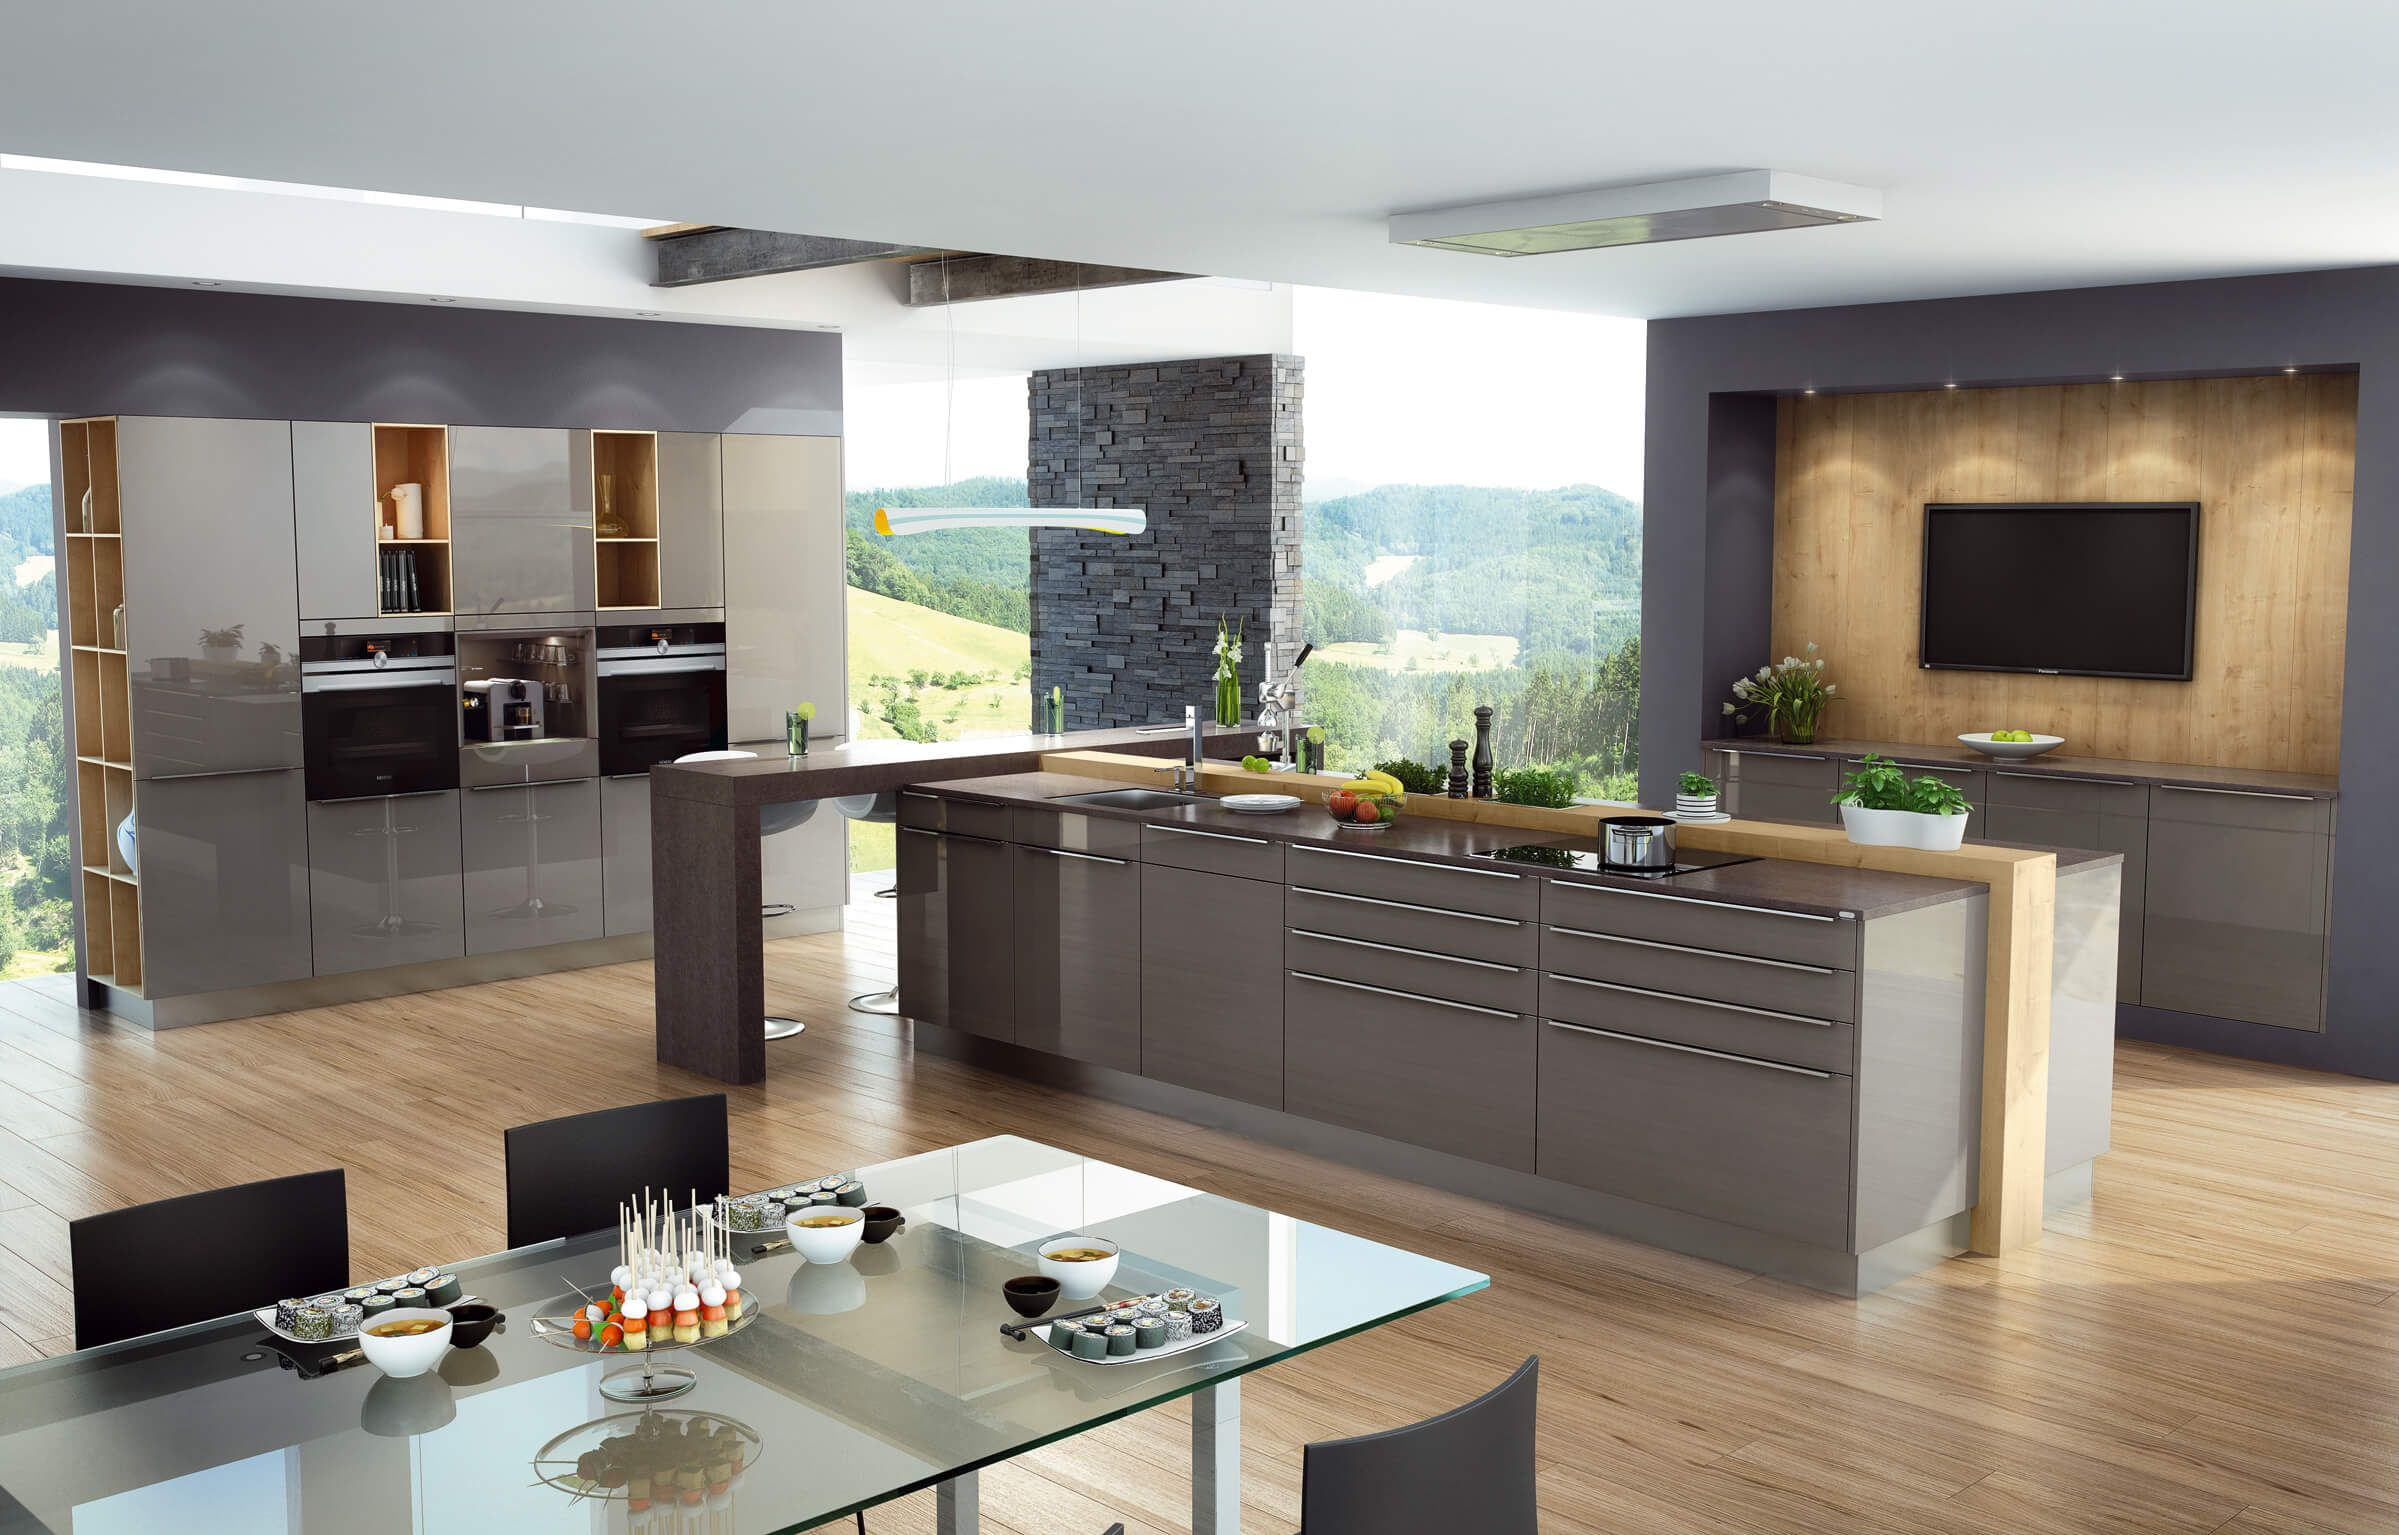 Küche Hochglanz, grau, Fronten, Lack, Küchenfronten, glänzend, Idee ...